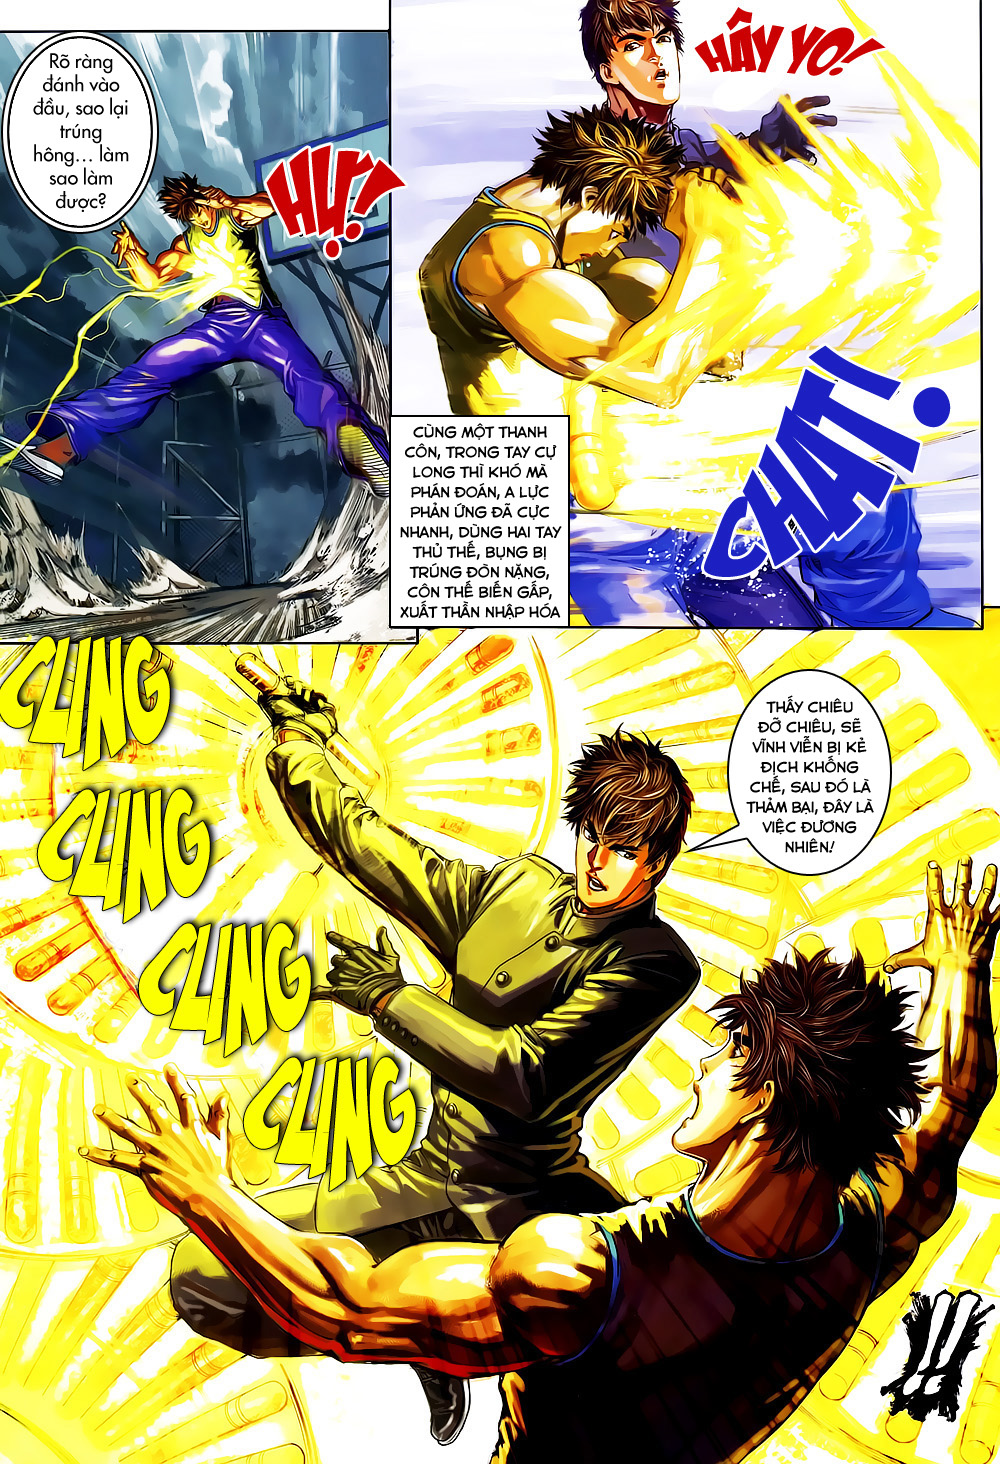 Quyền Đạo chapter 5 trang 11